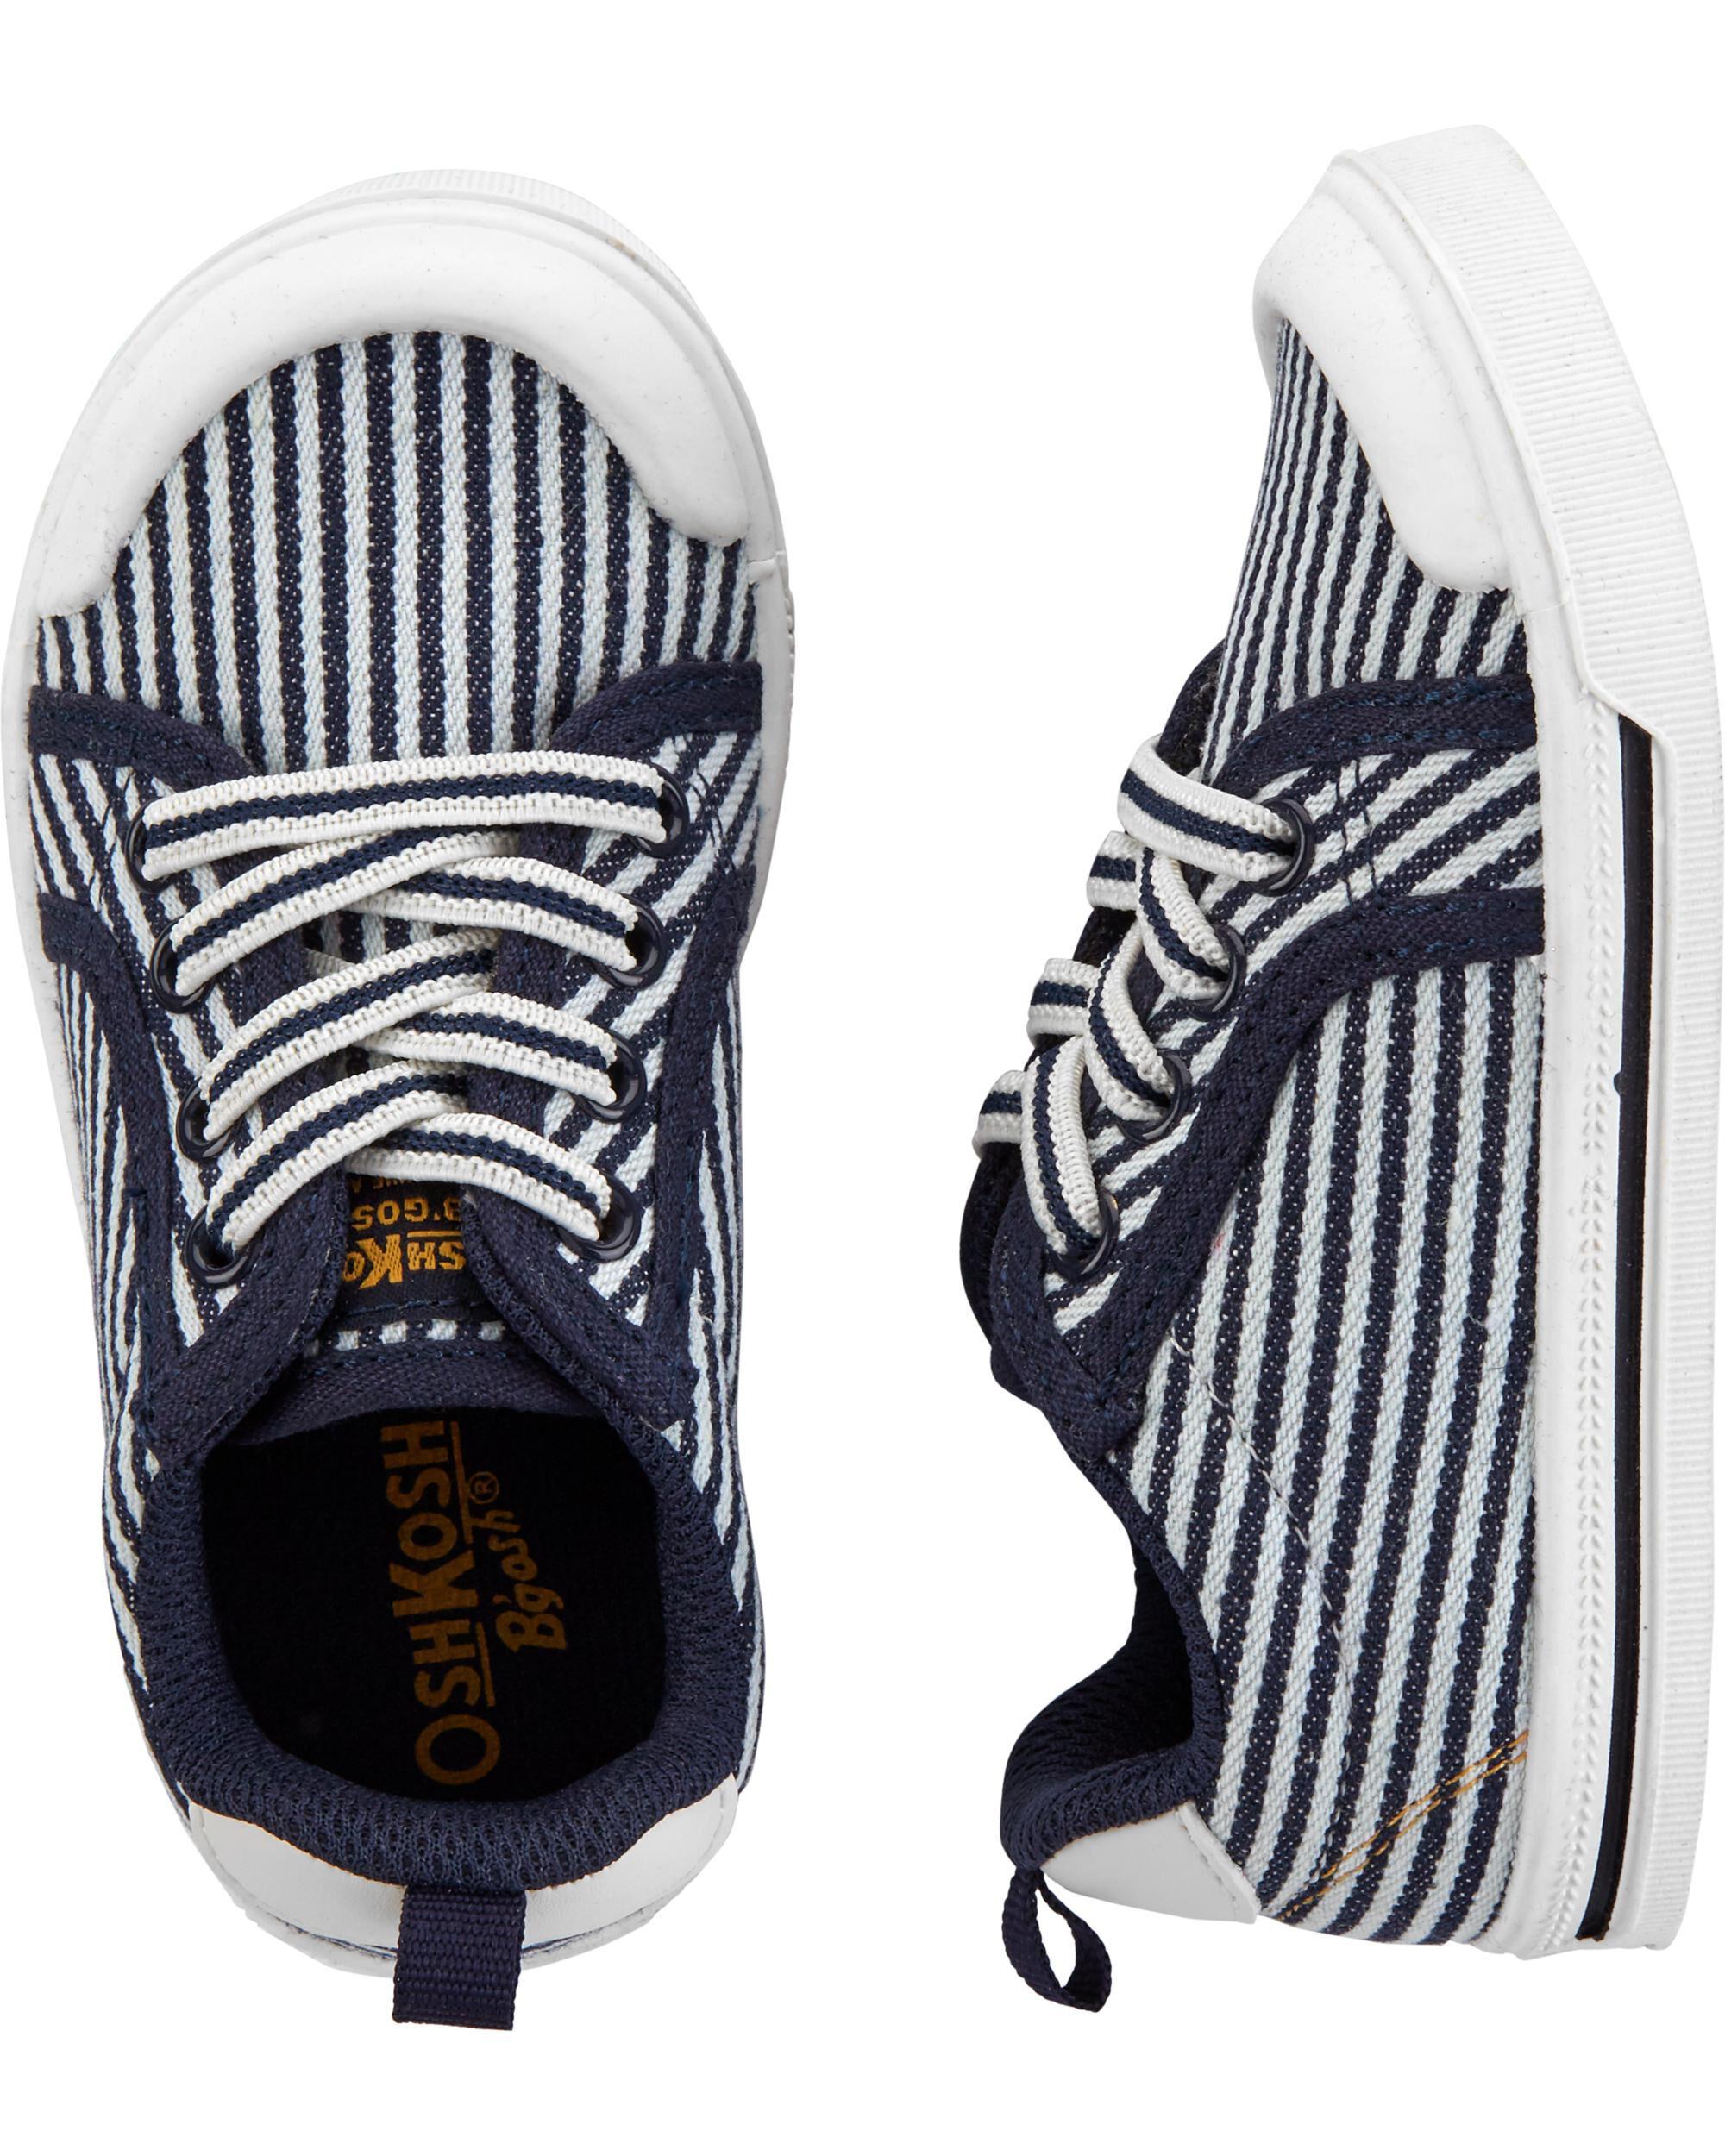 Oshkoshbgosh Vintage Stripe Sneakers